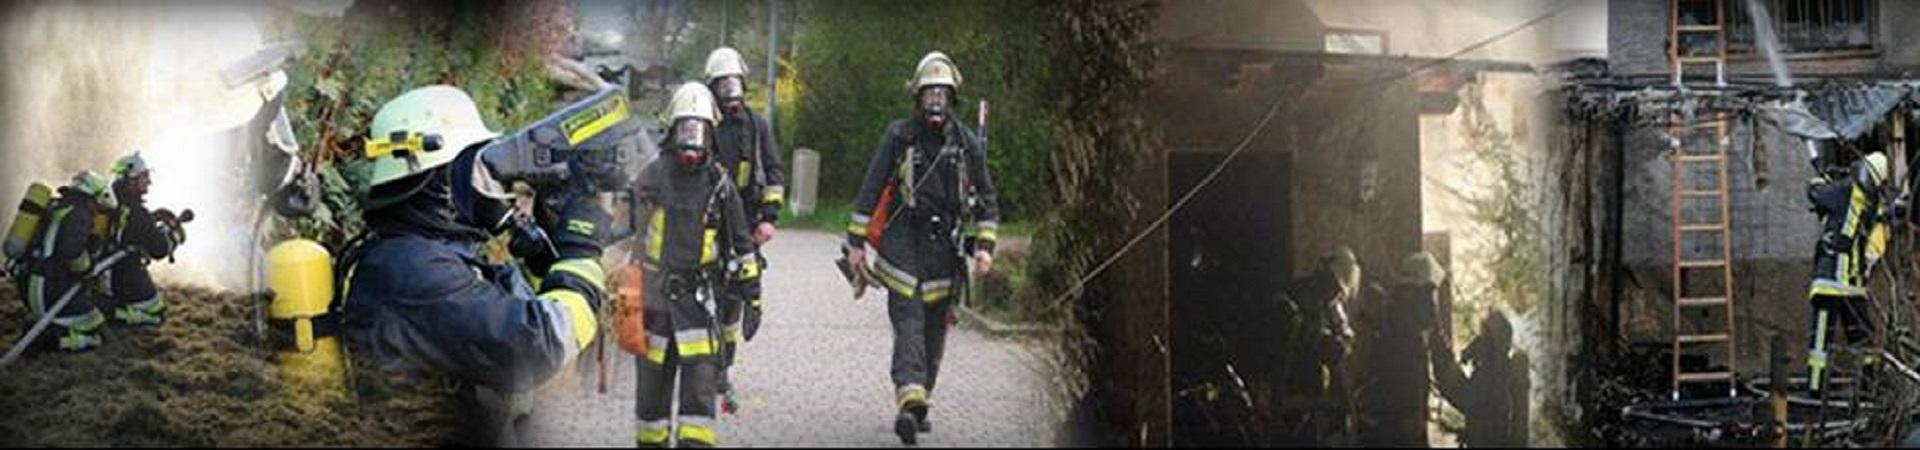 Feuerwehr Kleinheubach